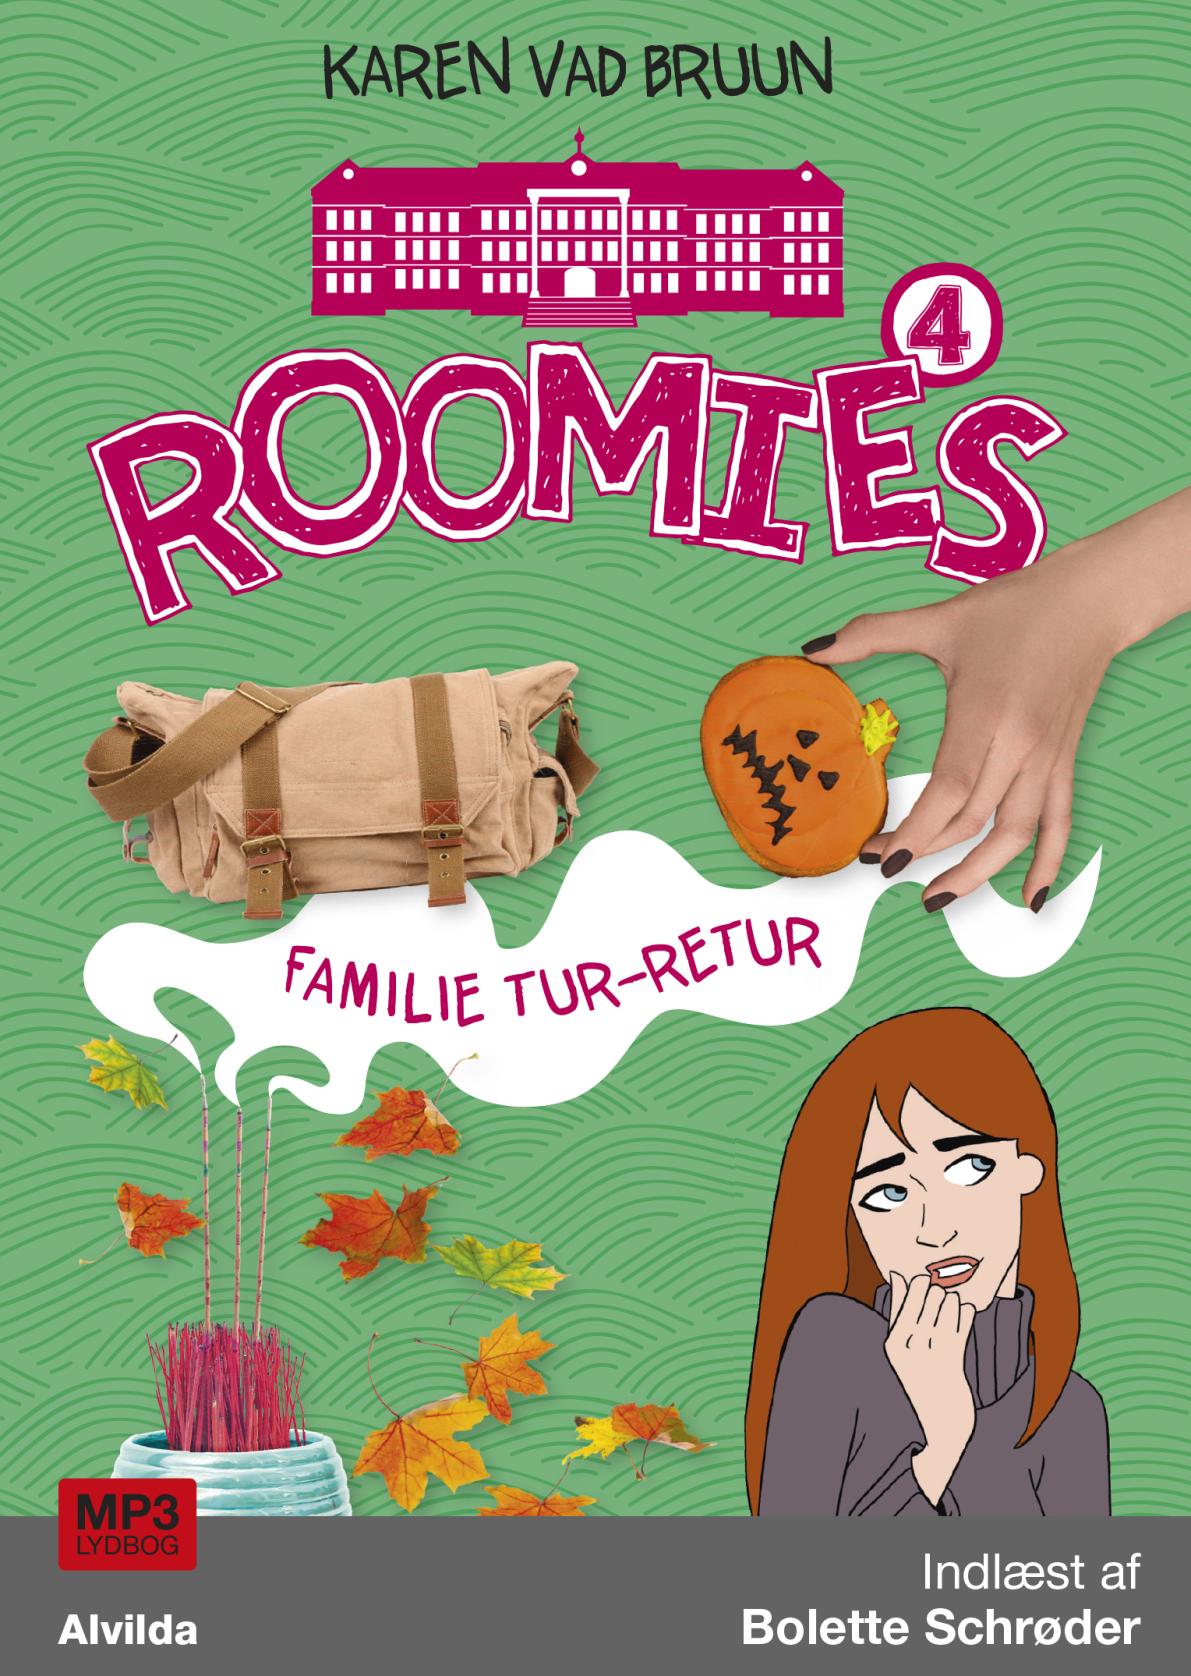 Roomies #4: Familie tur-retur - Maneno - 10950